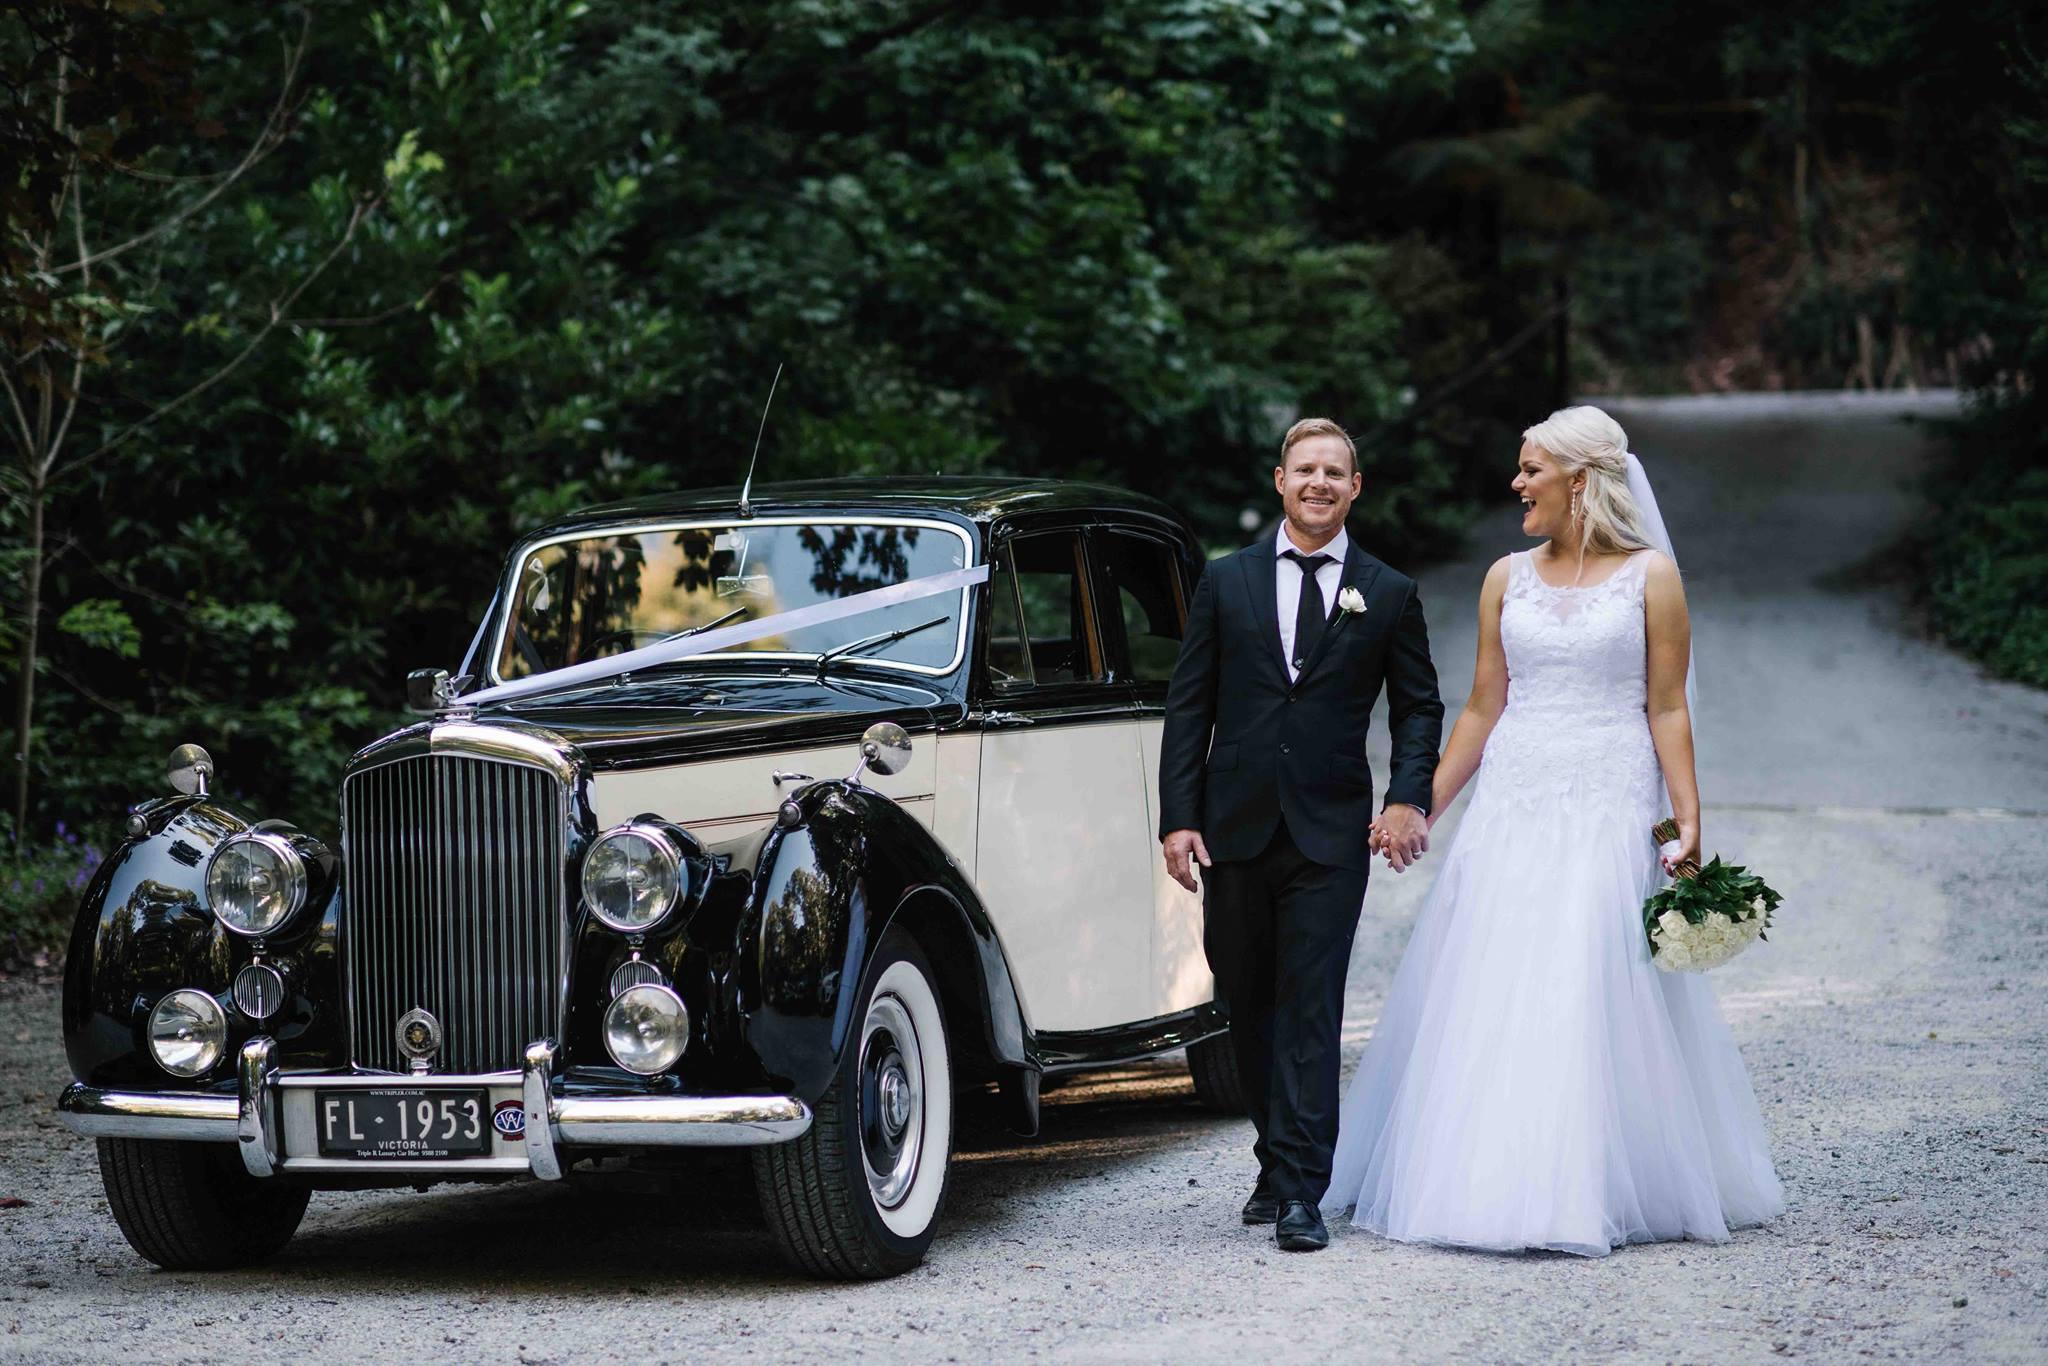 Wedding Transport Melbourne Triple R Luxury Car Hire 9 Wedding